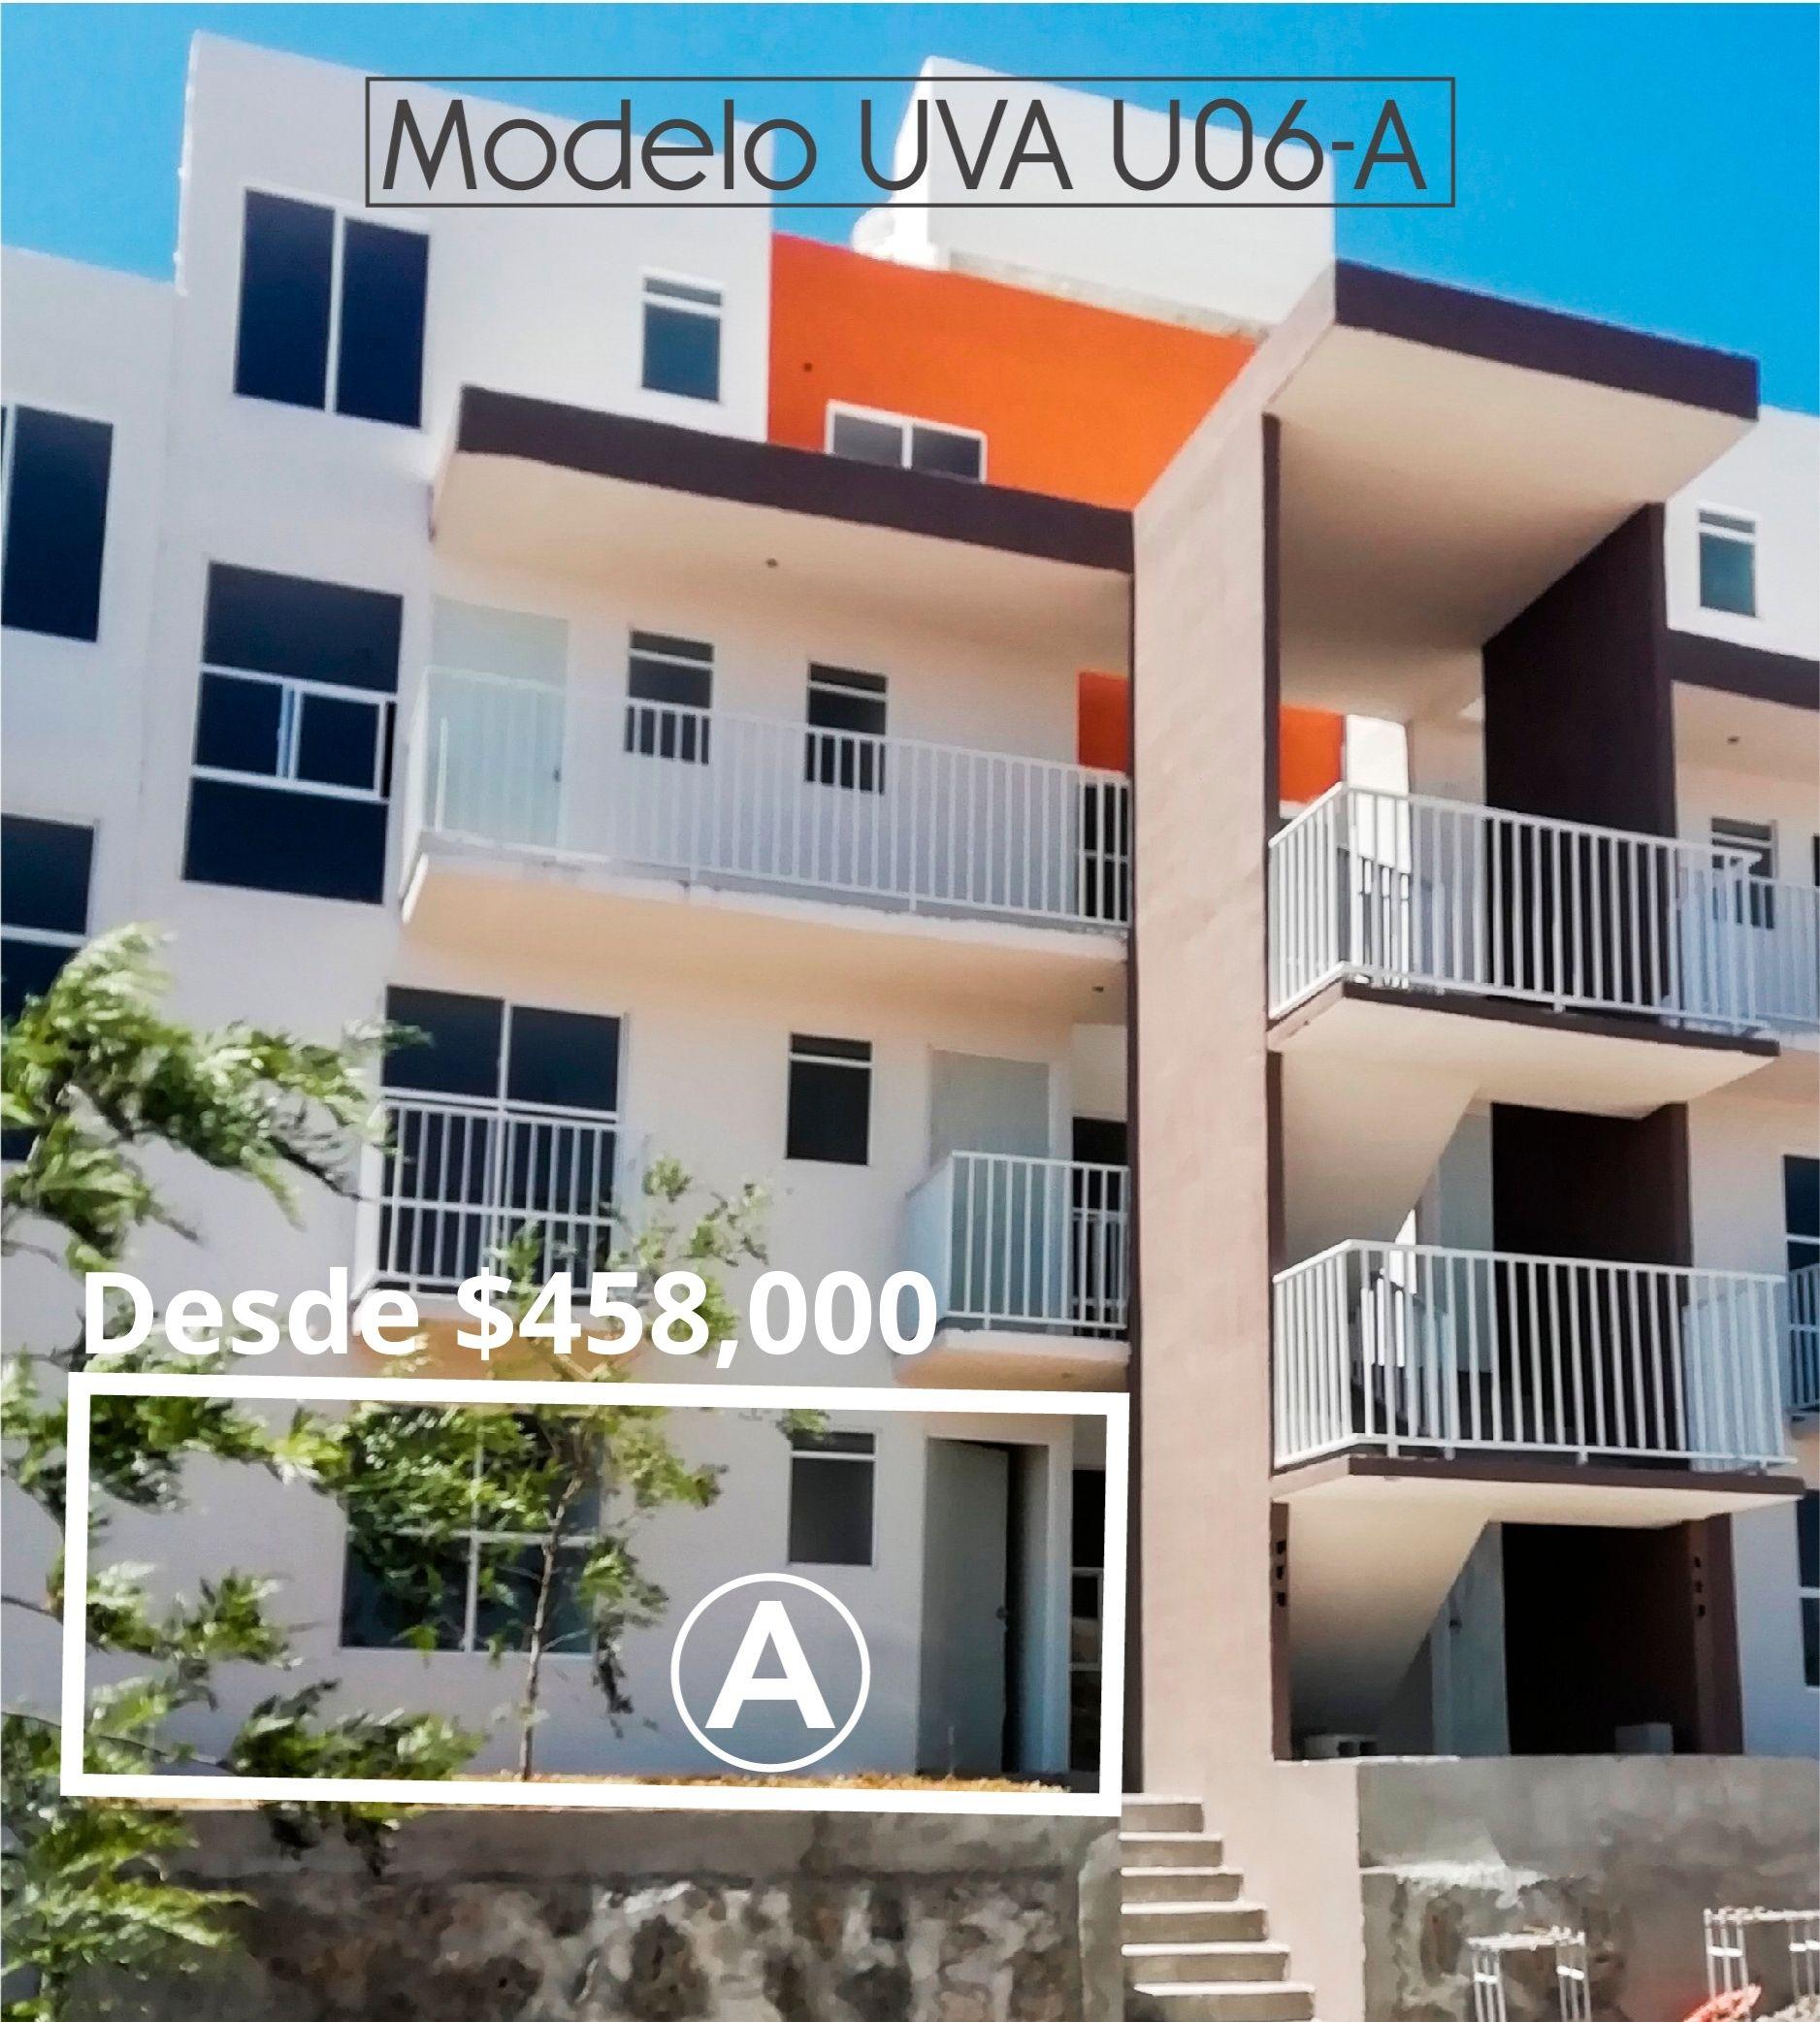 MODELO UVA U06 (1)